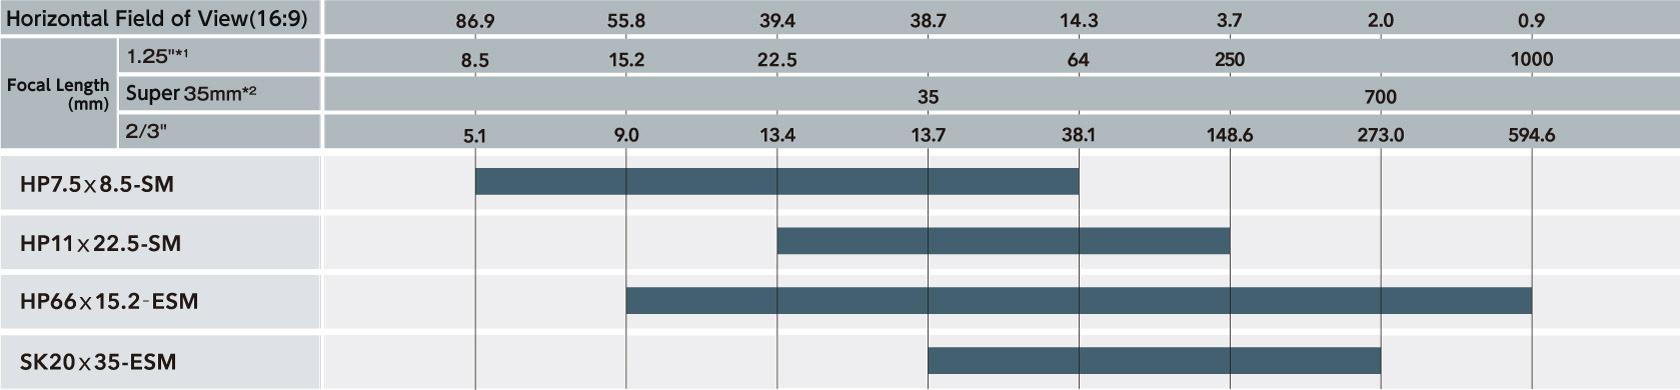 [afbeelding] Grafiek die het horizontale gezichtsveld (16:9) en de brandpuntafstand (mm) vergelijkt op modelnummer